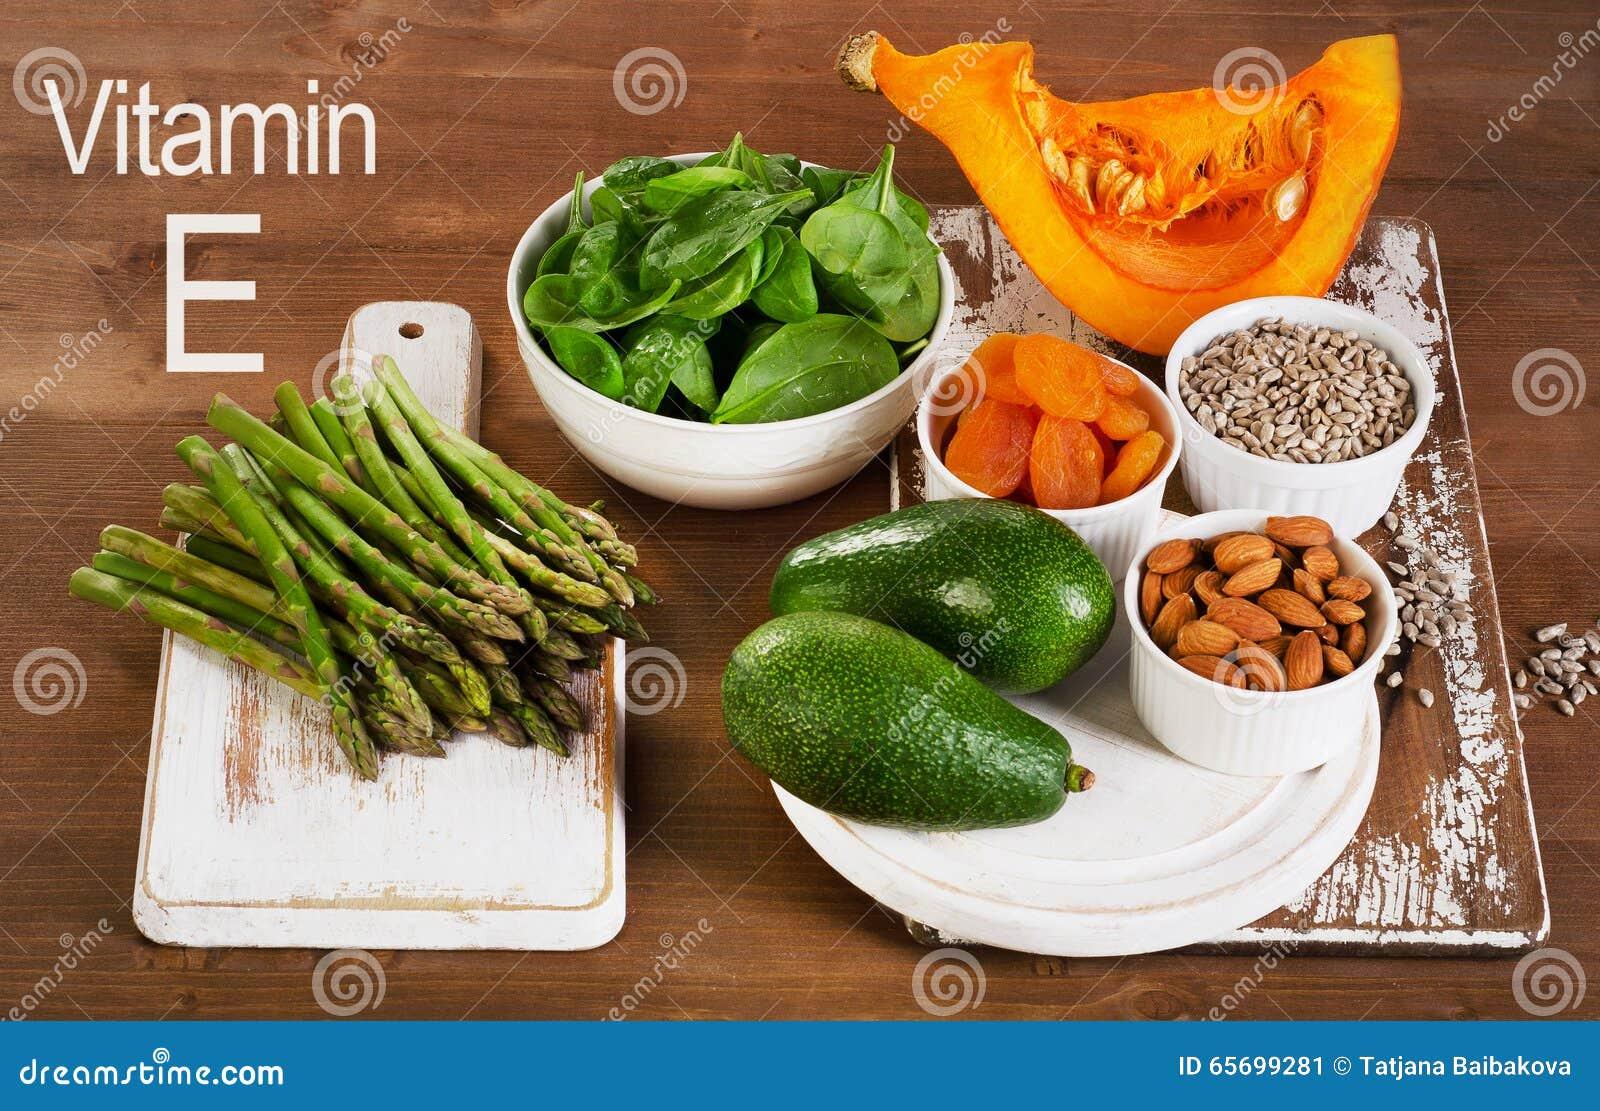 que comidas contienen vitamina e